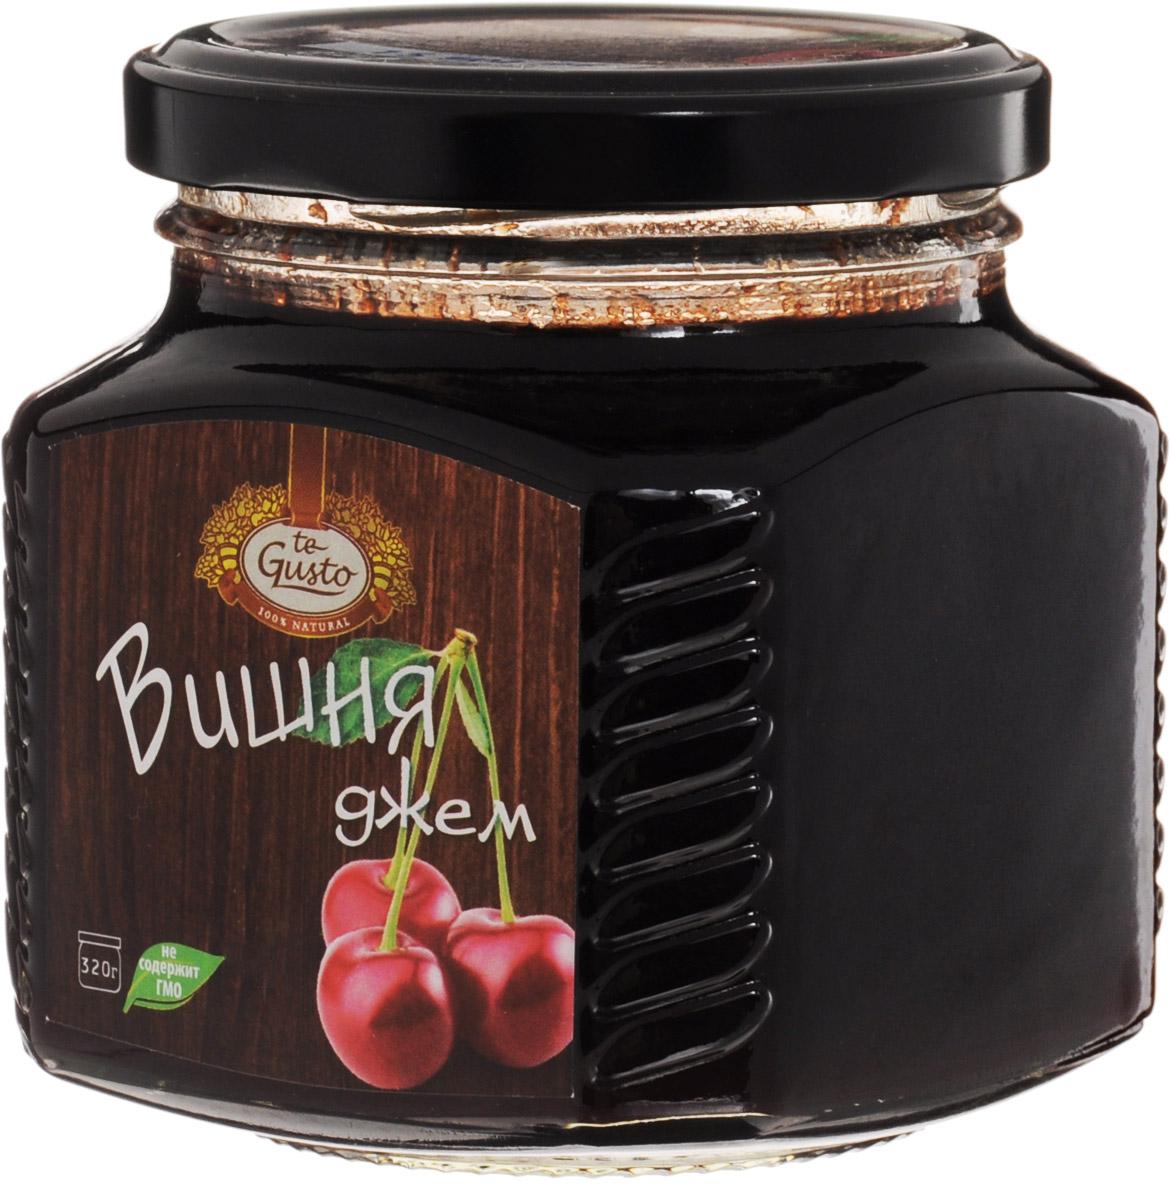 te Gusto Джем из вишни, 320 г4657155301399Ароматный джем te Gusto сварен из вишни, имеет желеобразную консистенцию с крупными кусочками фруктов. Для приготовления используются только свежие, тщательно отобранные плоды, созревшие в экологически чистых местах. Вишня благотворно воздействует на общее состояние организма, укрепляет иммунитет, стимулирует обменные процессы и сводит к минимуму риск развития онкологических заболеваний. Кроме того, джем обладает способностью уничтожать вредоносные бактерии и помогает при простудных заболеваниях, оказывая активное отхаркивающее действие. Пектины понижают уровень холестерина, улучшают пищеварение и нормализуют перистальтику кишечника.